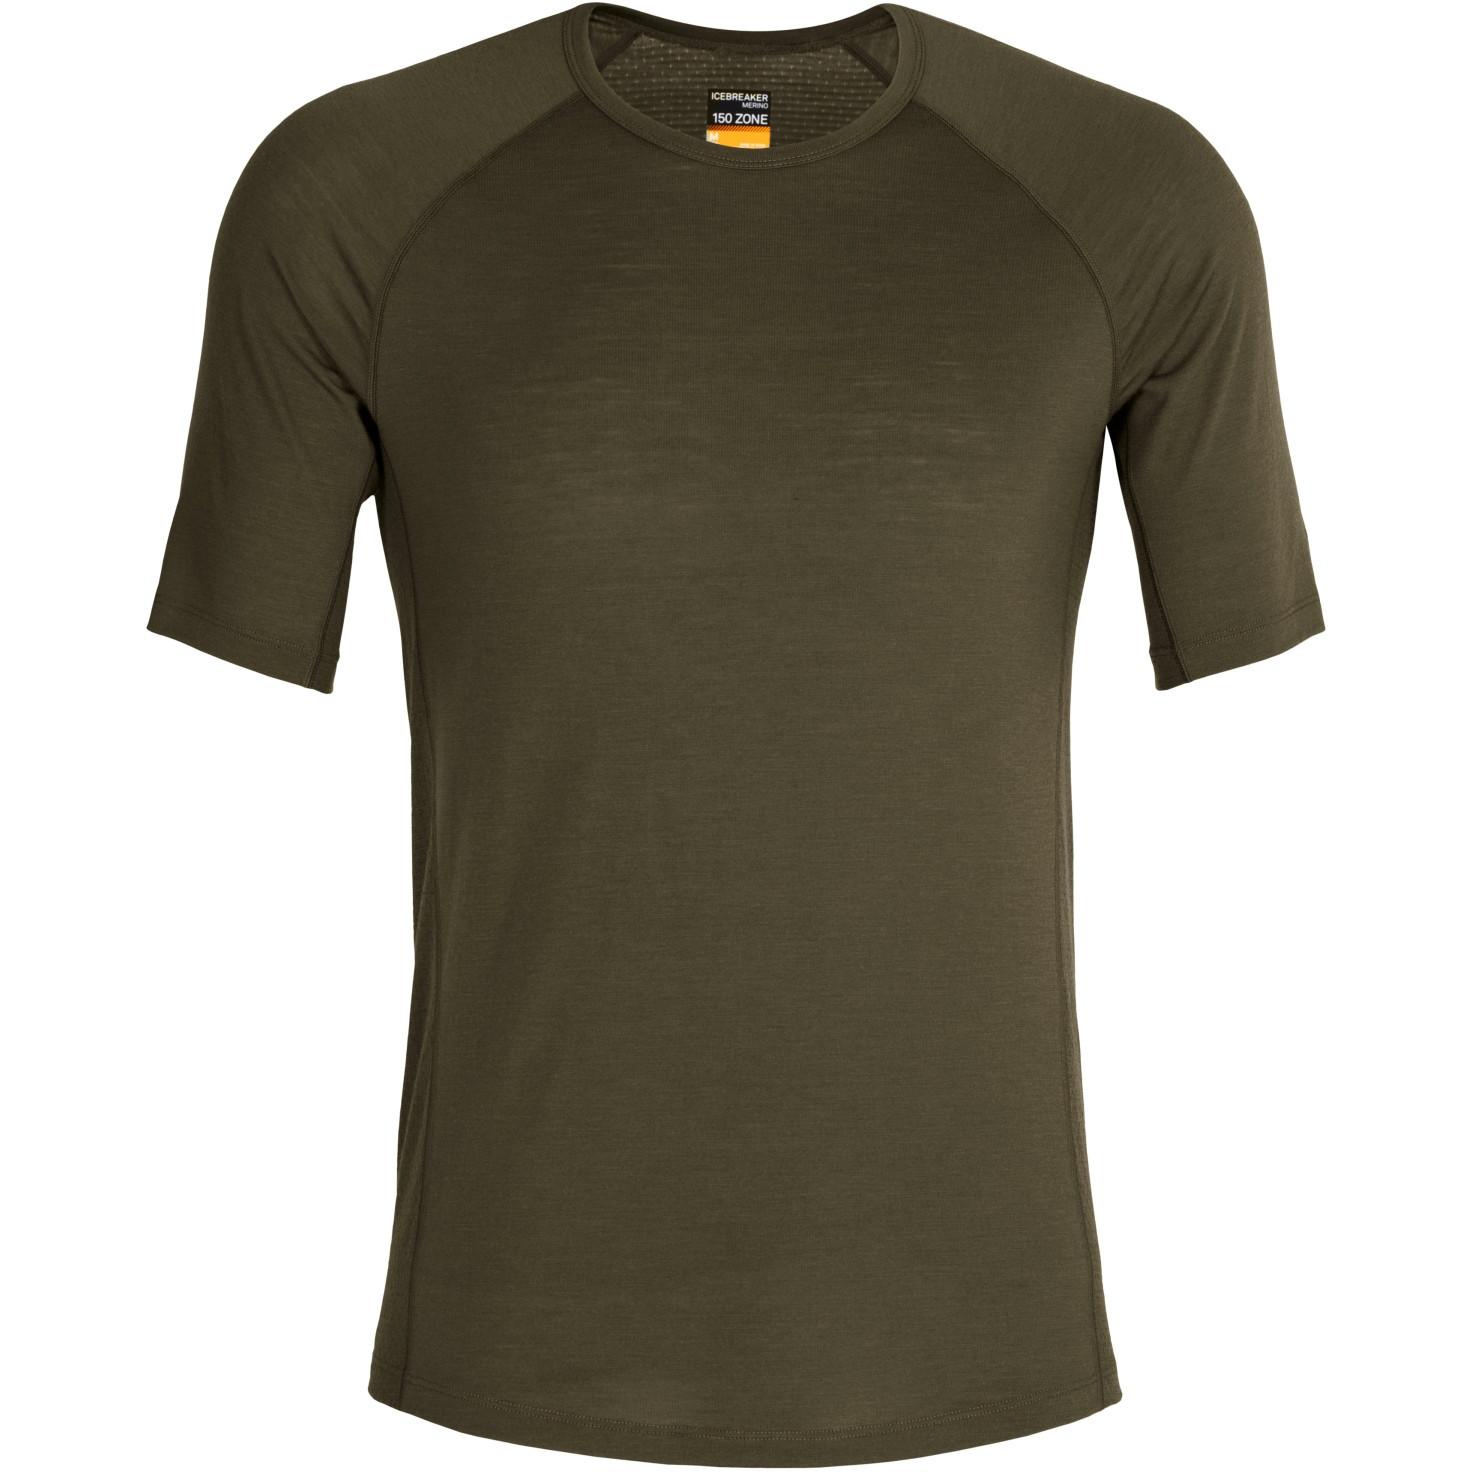 Produktbild von Icebreaker 150 Zone Crewe Herren T-Shirt - Loden